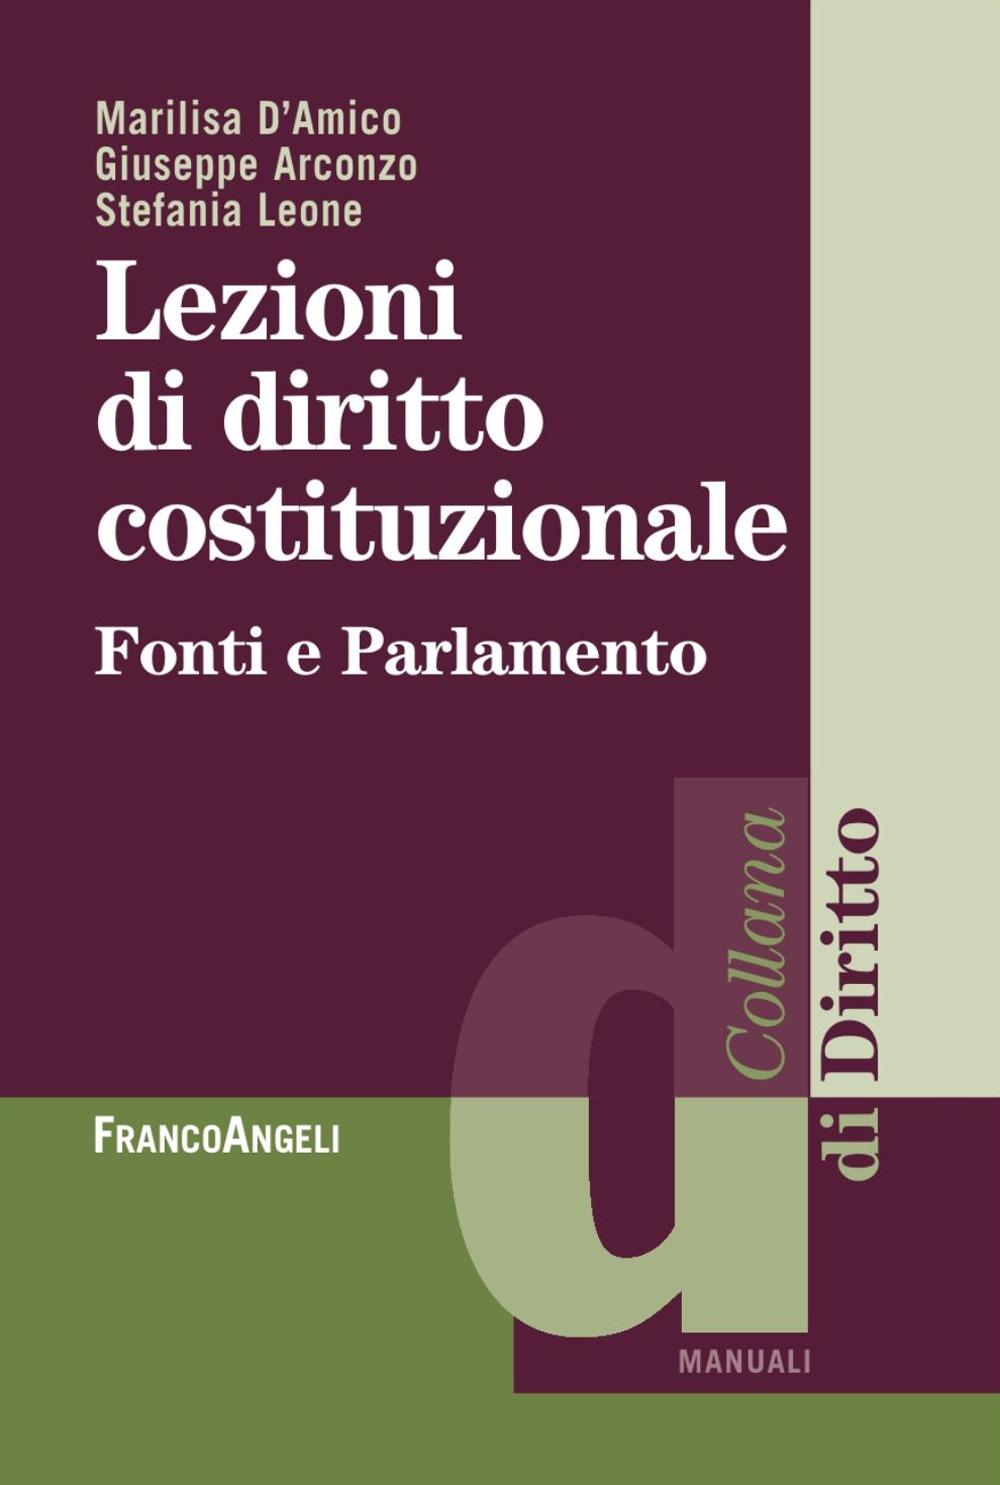 Lezioni di diritto costituzionale. Fonti e parlamento